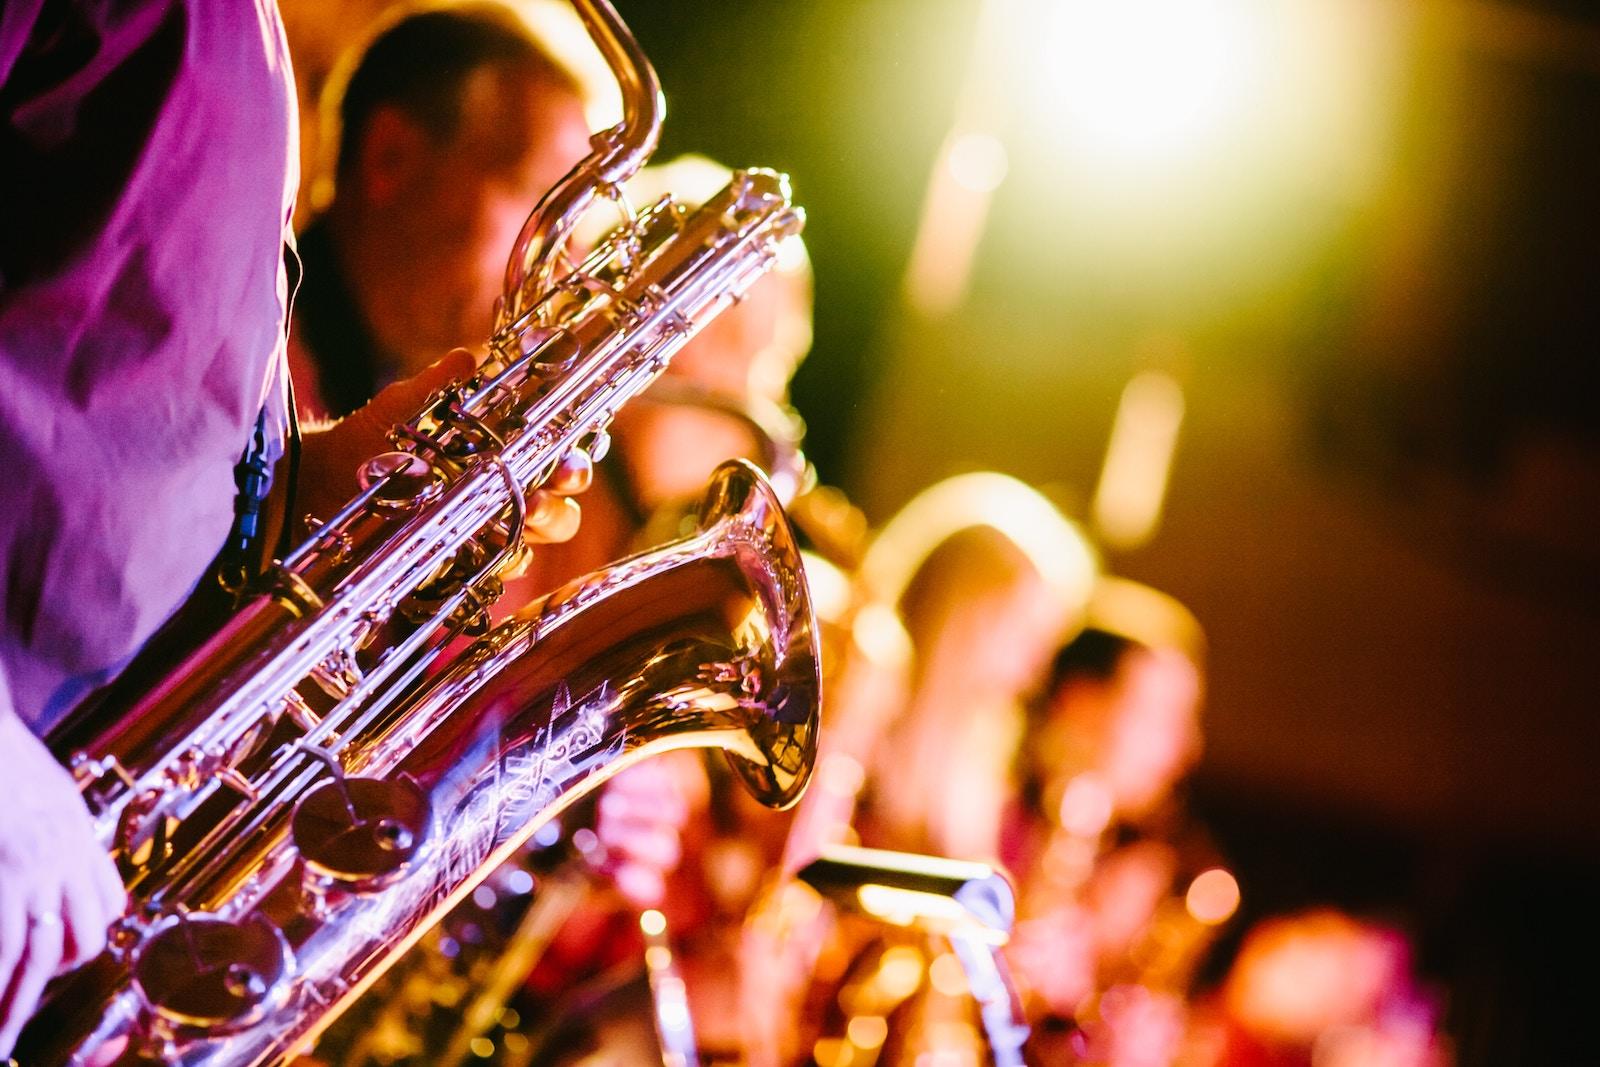 Brass Band-be keres vagány zenészeket a Jägermeister